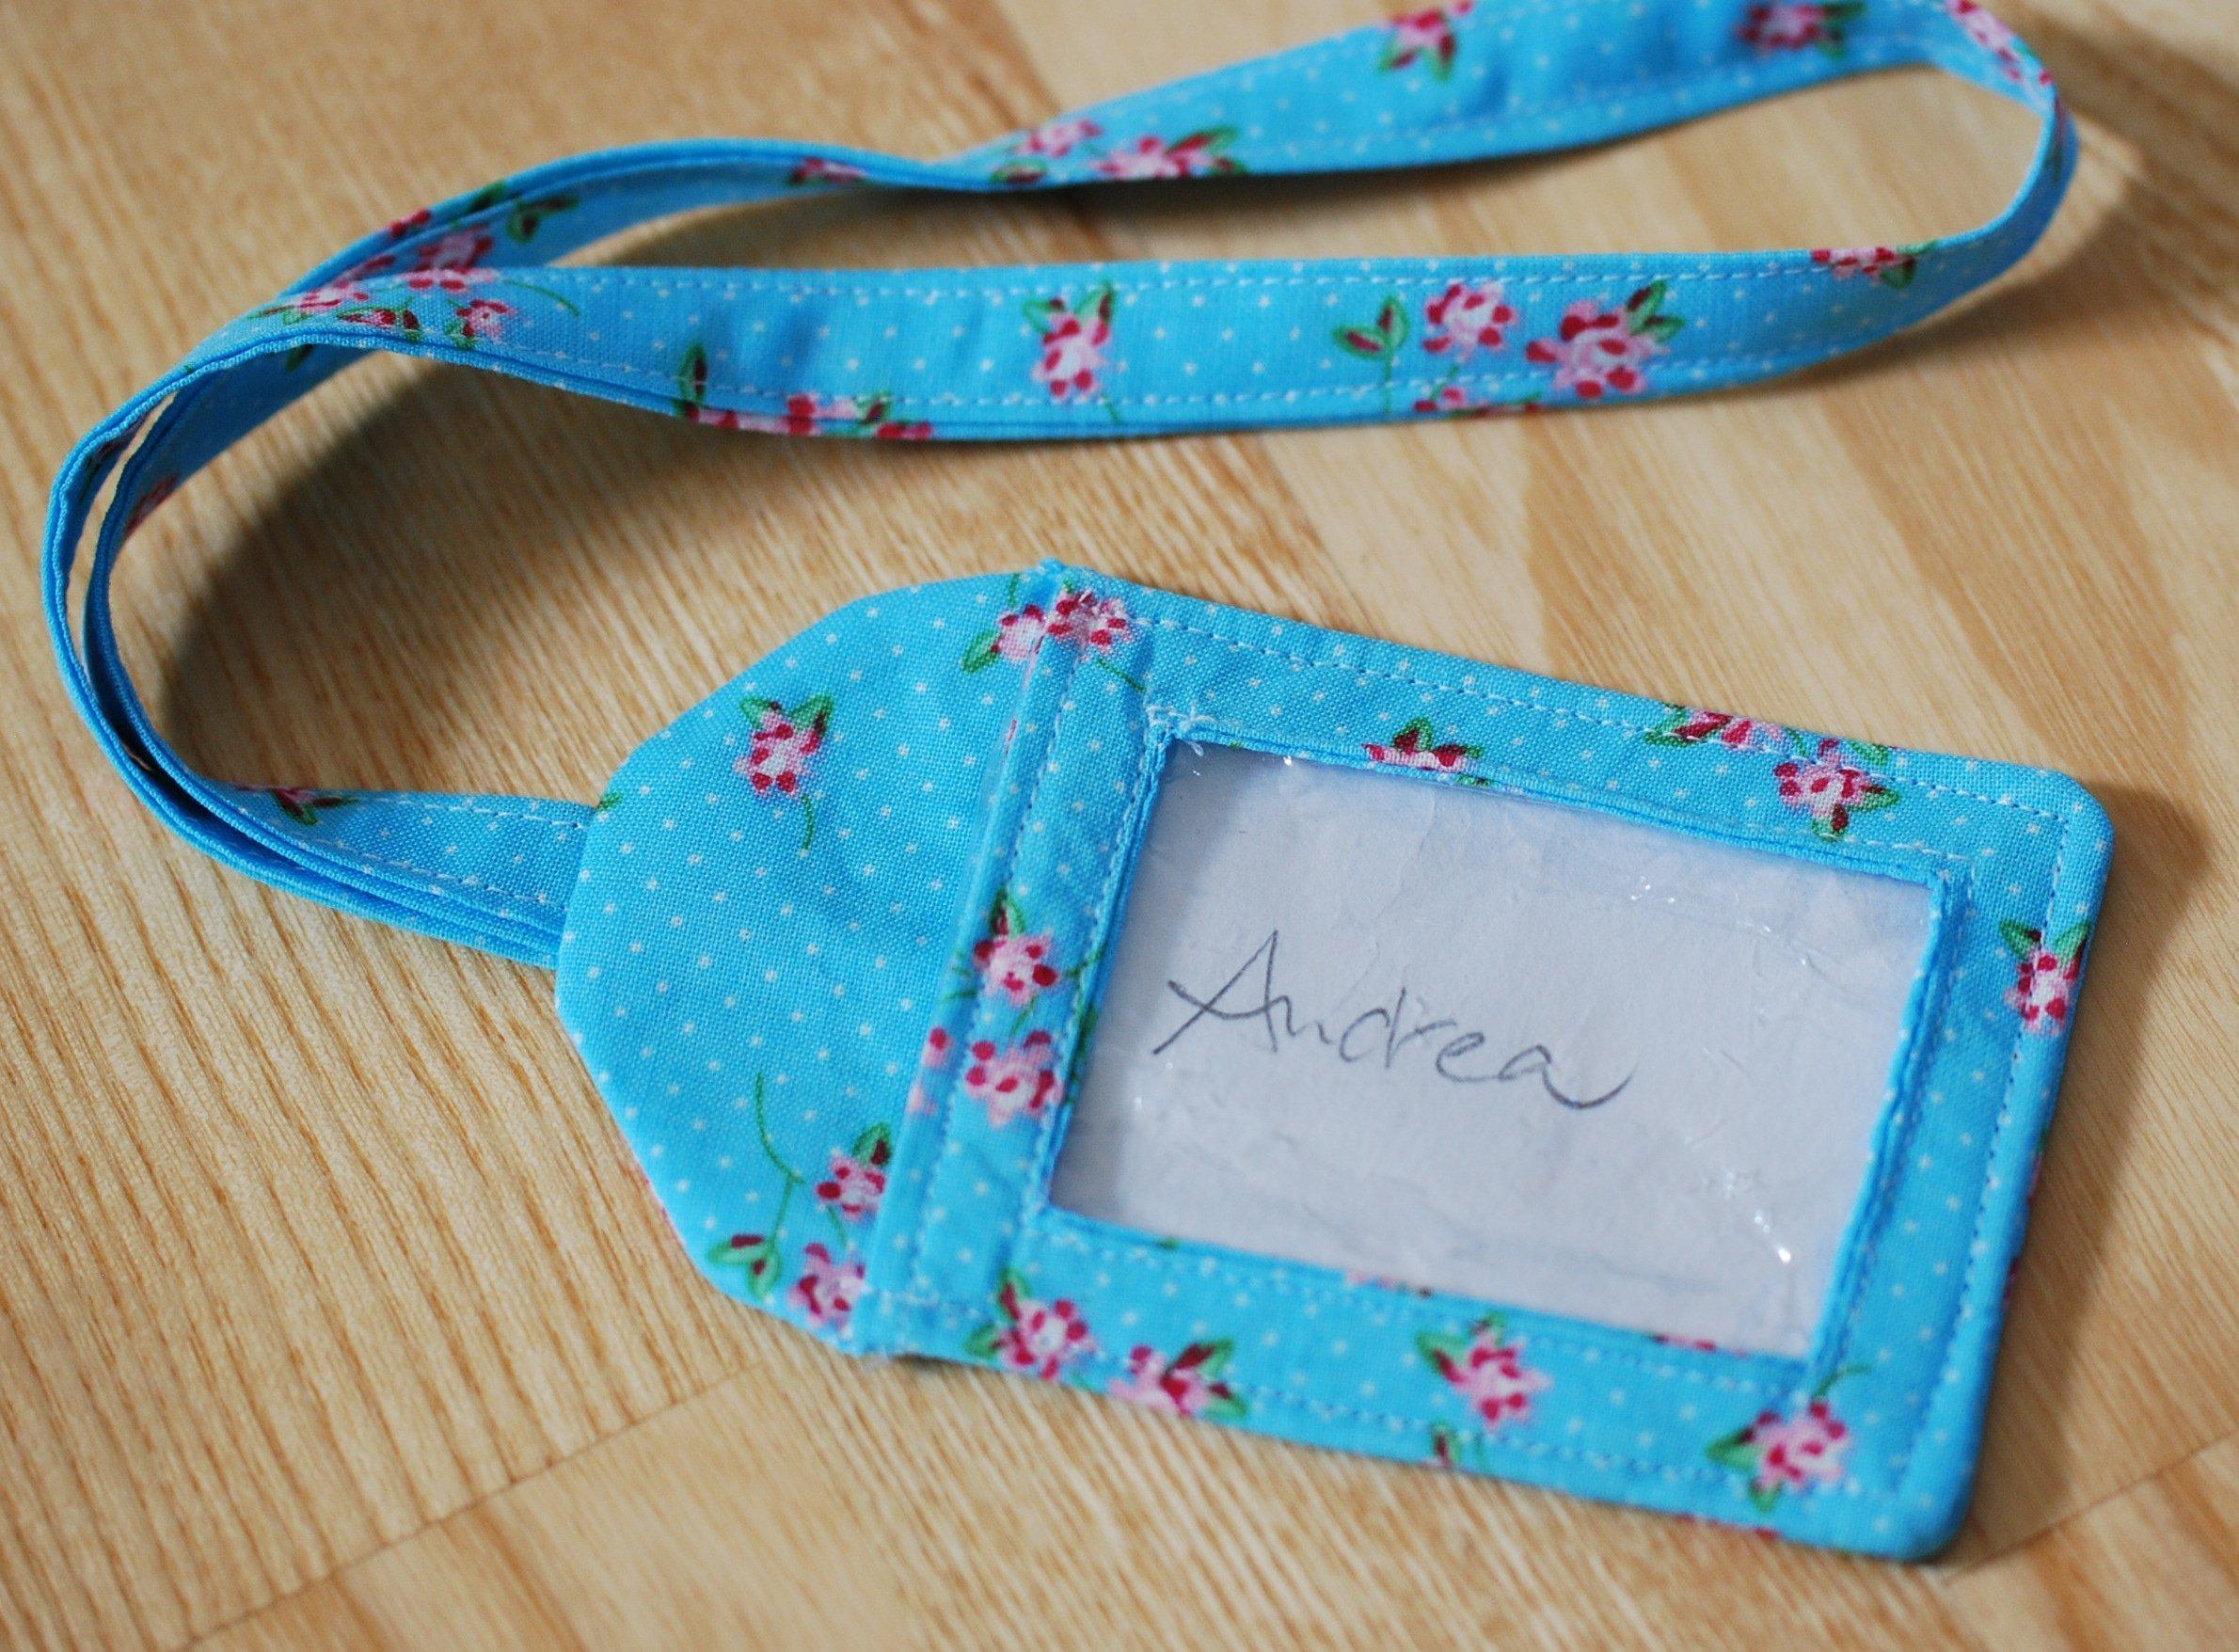 tischdecken selber naehen macht spass, nähanleitung für einen kofferanhänger auf stoff, Innenarchitektur